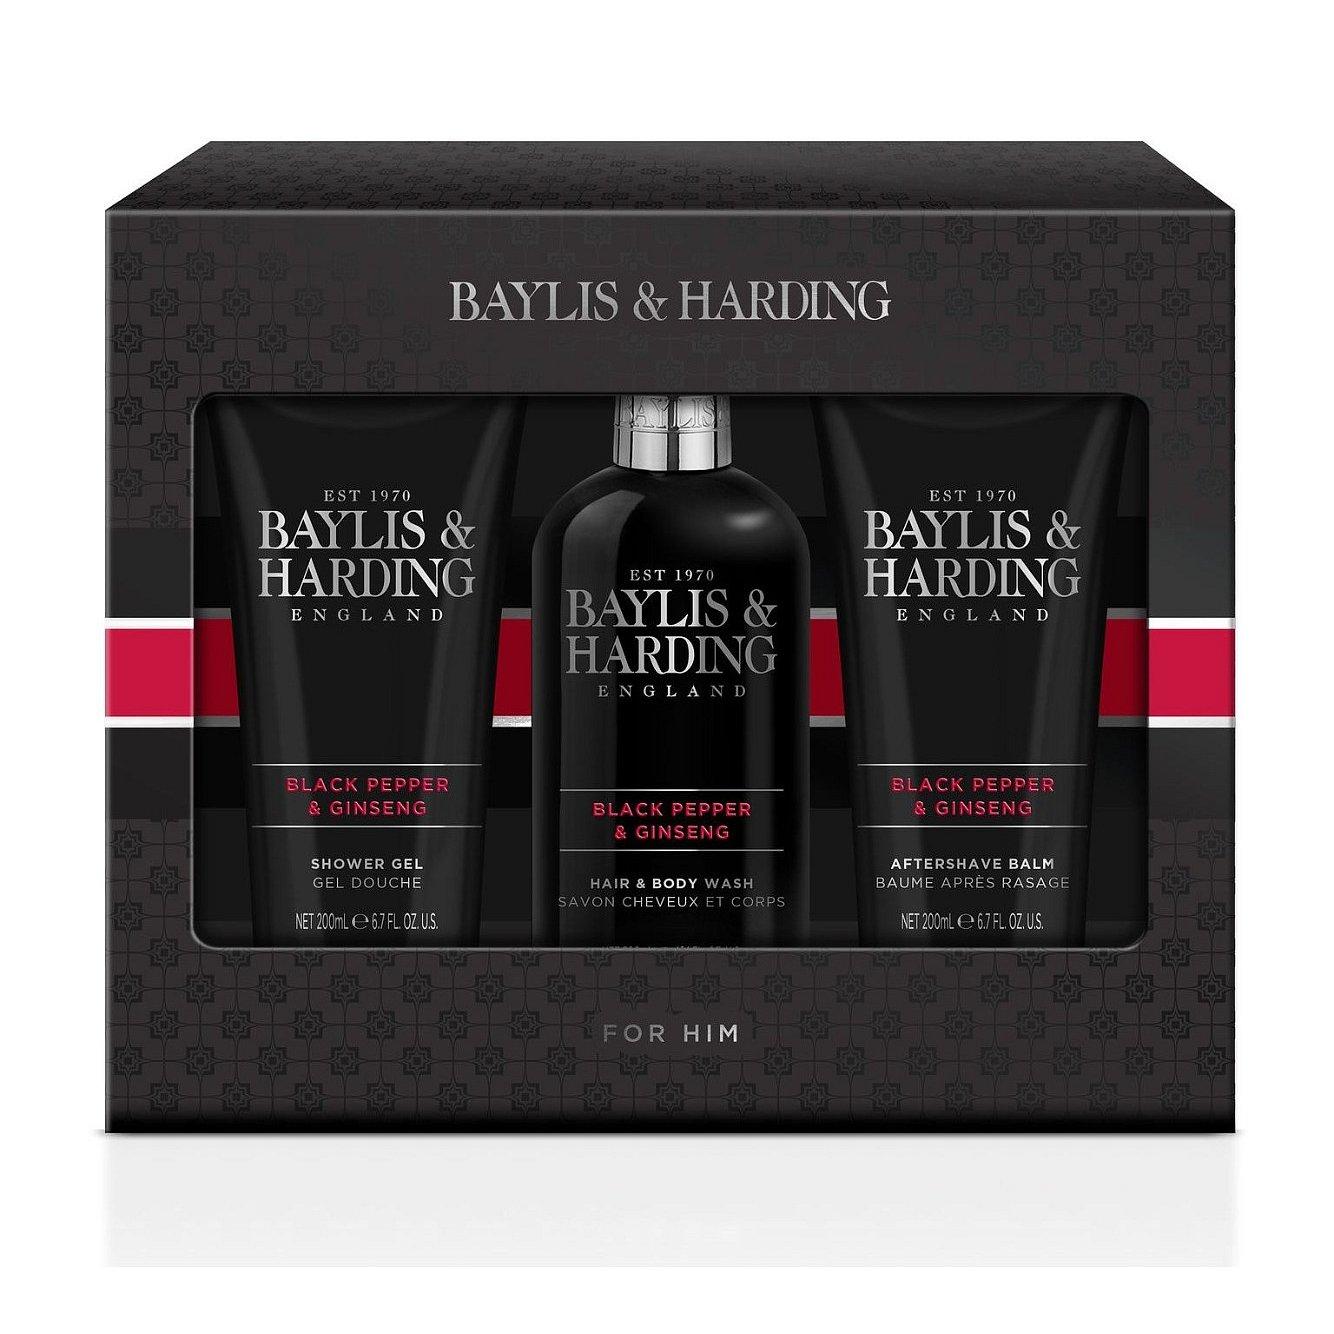 Baylis & Harding Pánská sada péče o tělo Black Pepper & Ginseng 3 ks